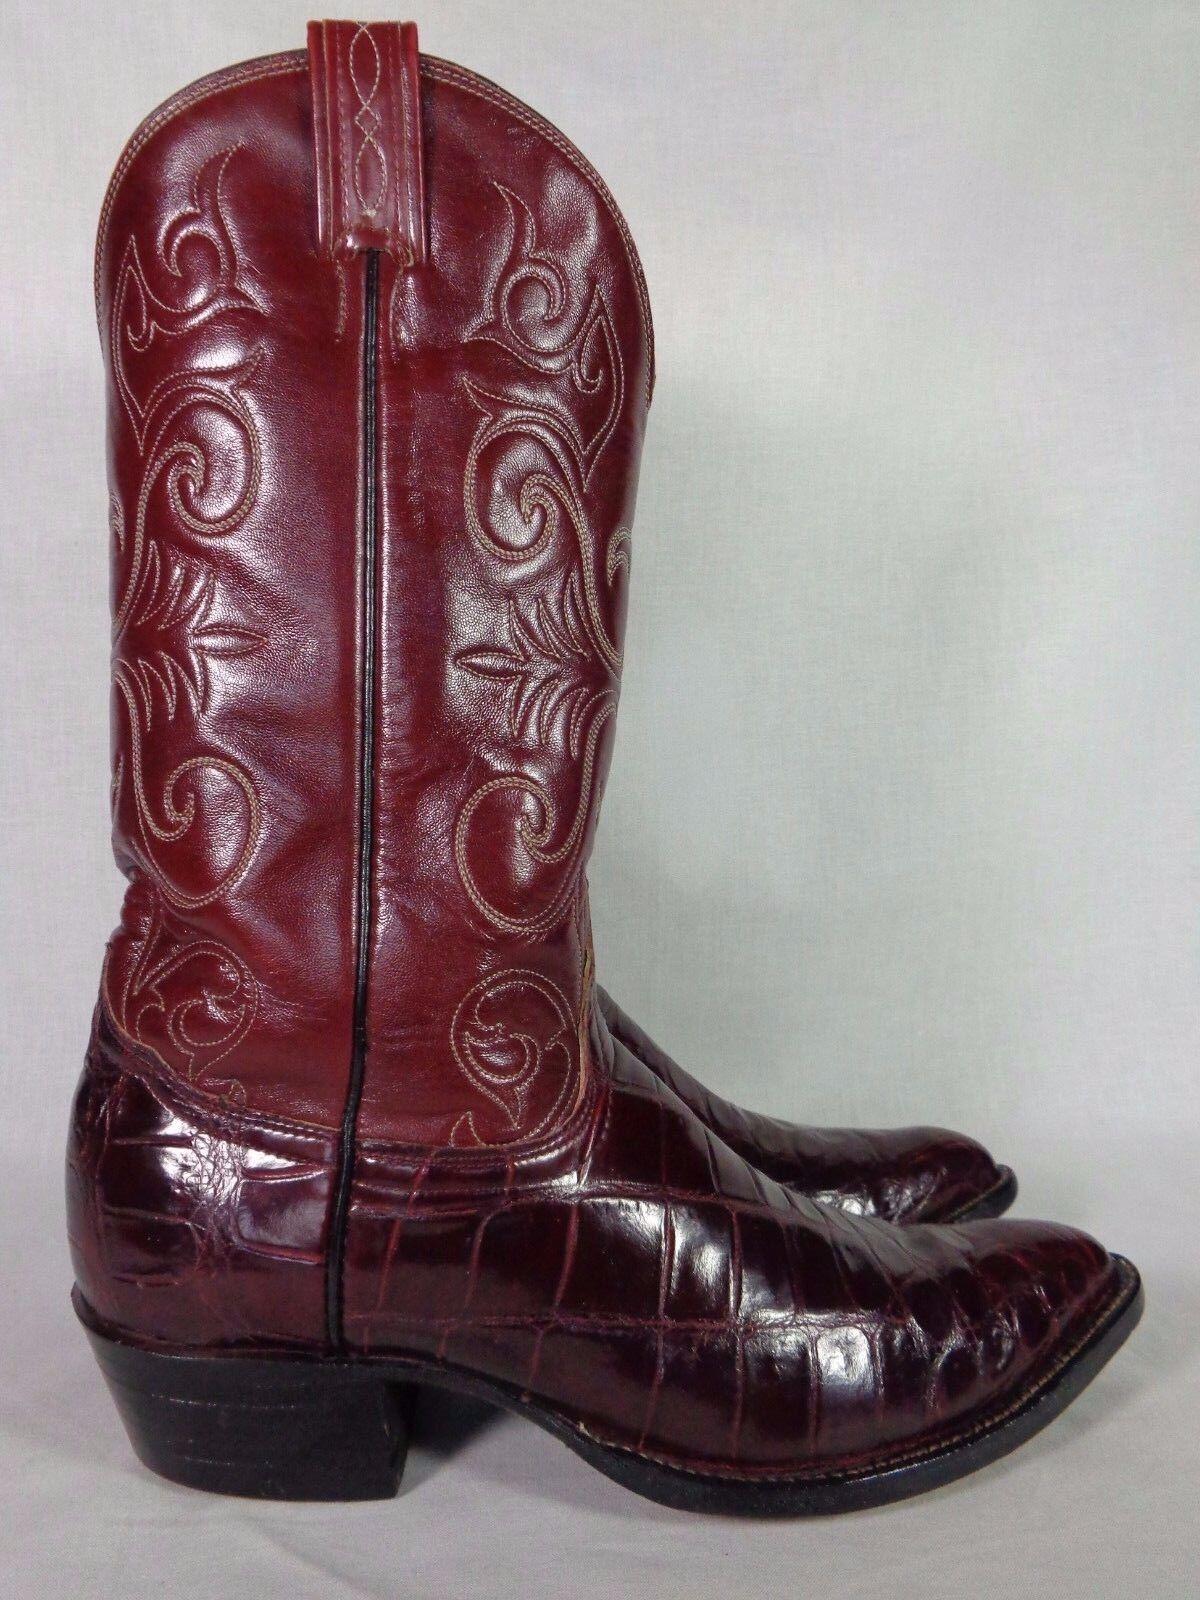 Tony Lama para Hombre botas Rey exótico Cocodrilo El Piel Vintage Western 9 D